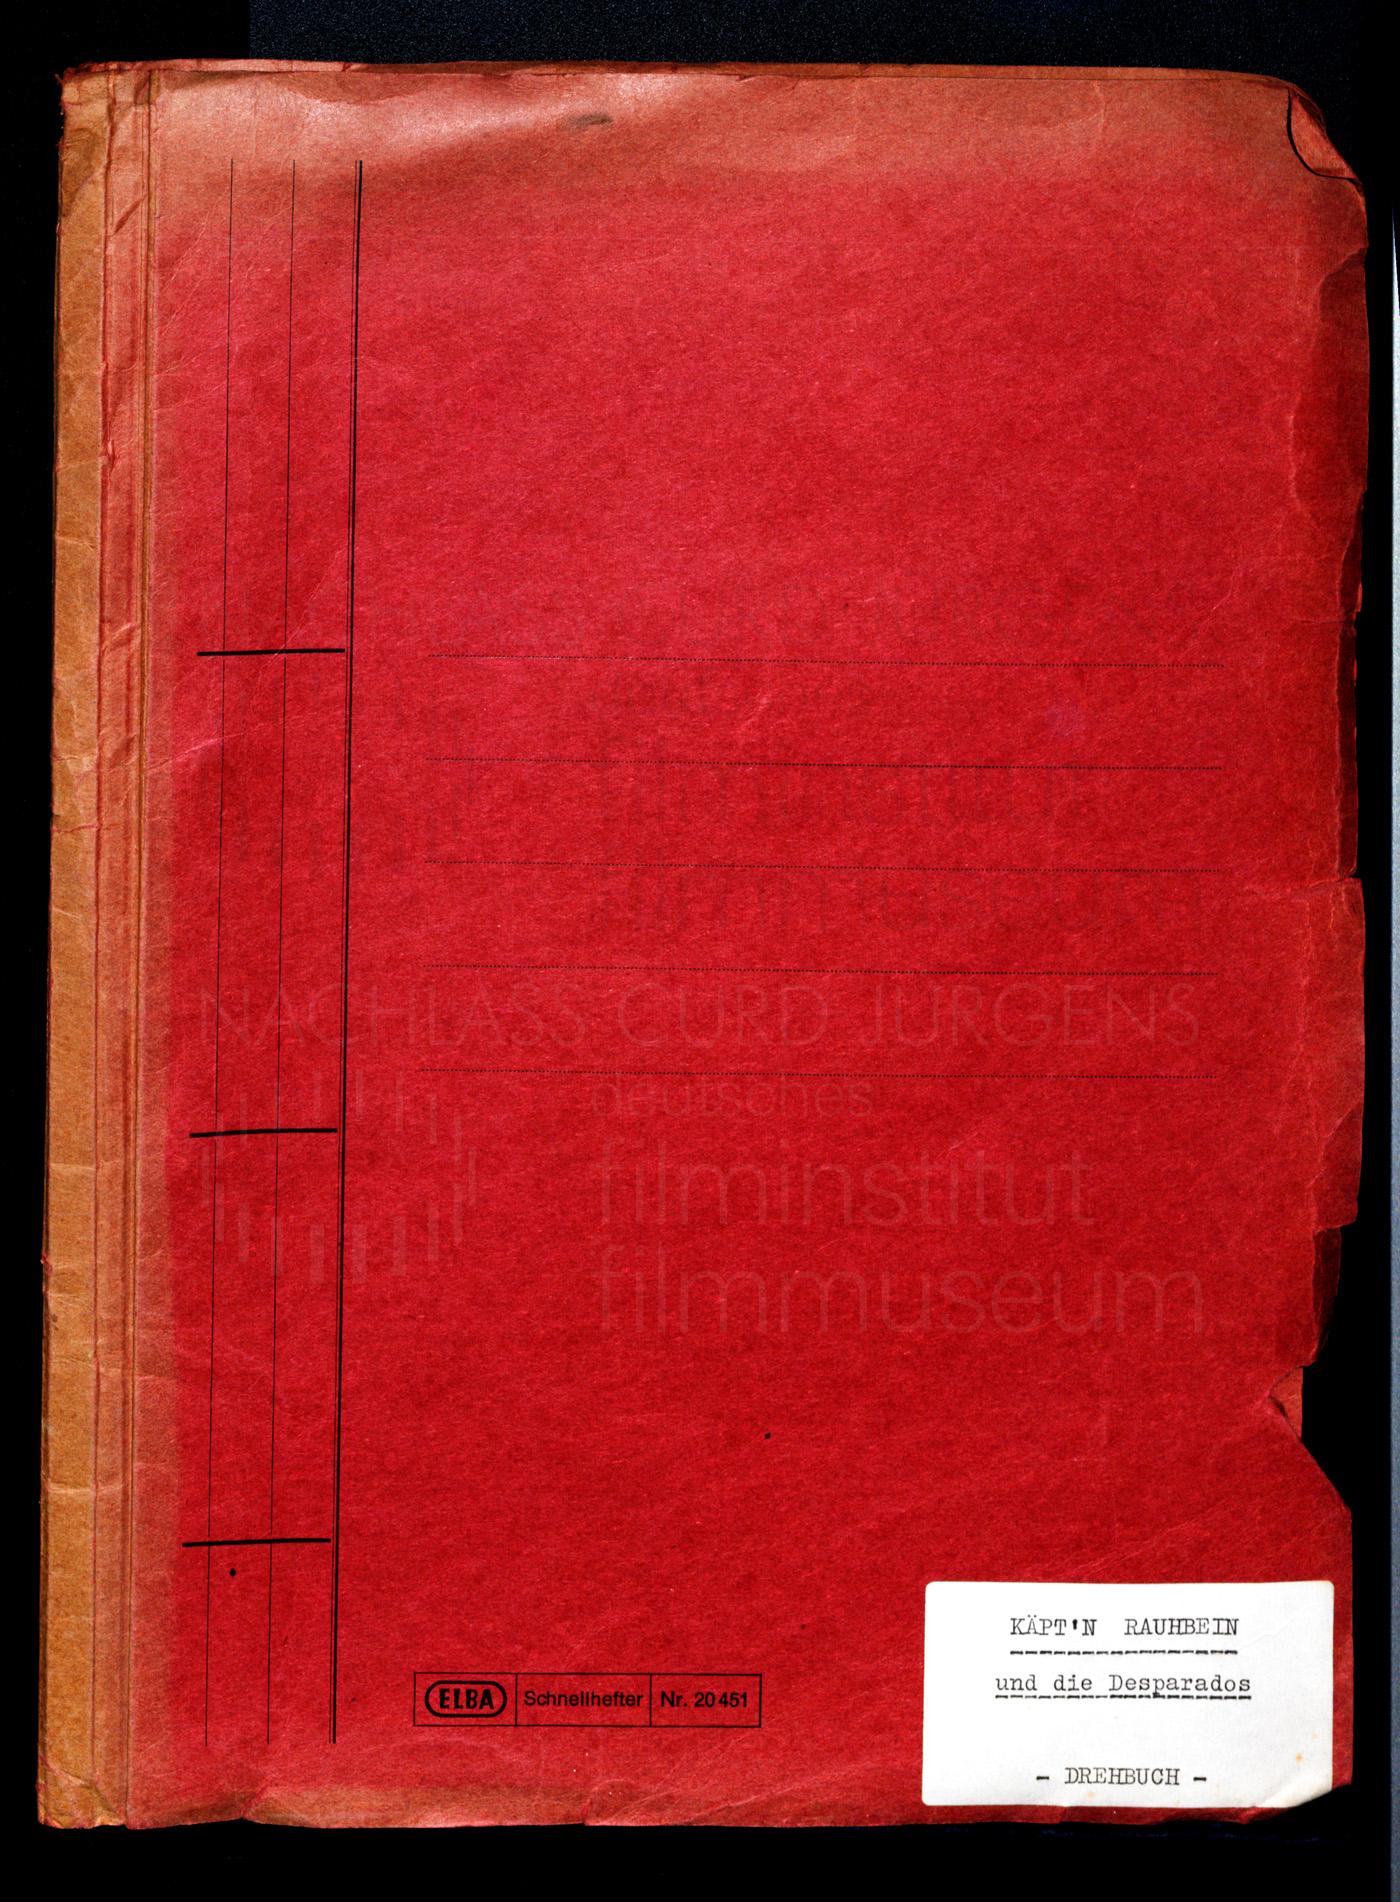 KÄPT'N RAUHBEIN AUS ST. PAULI (1971) Drehbuch (Auszug)